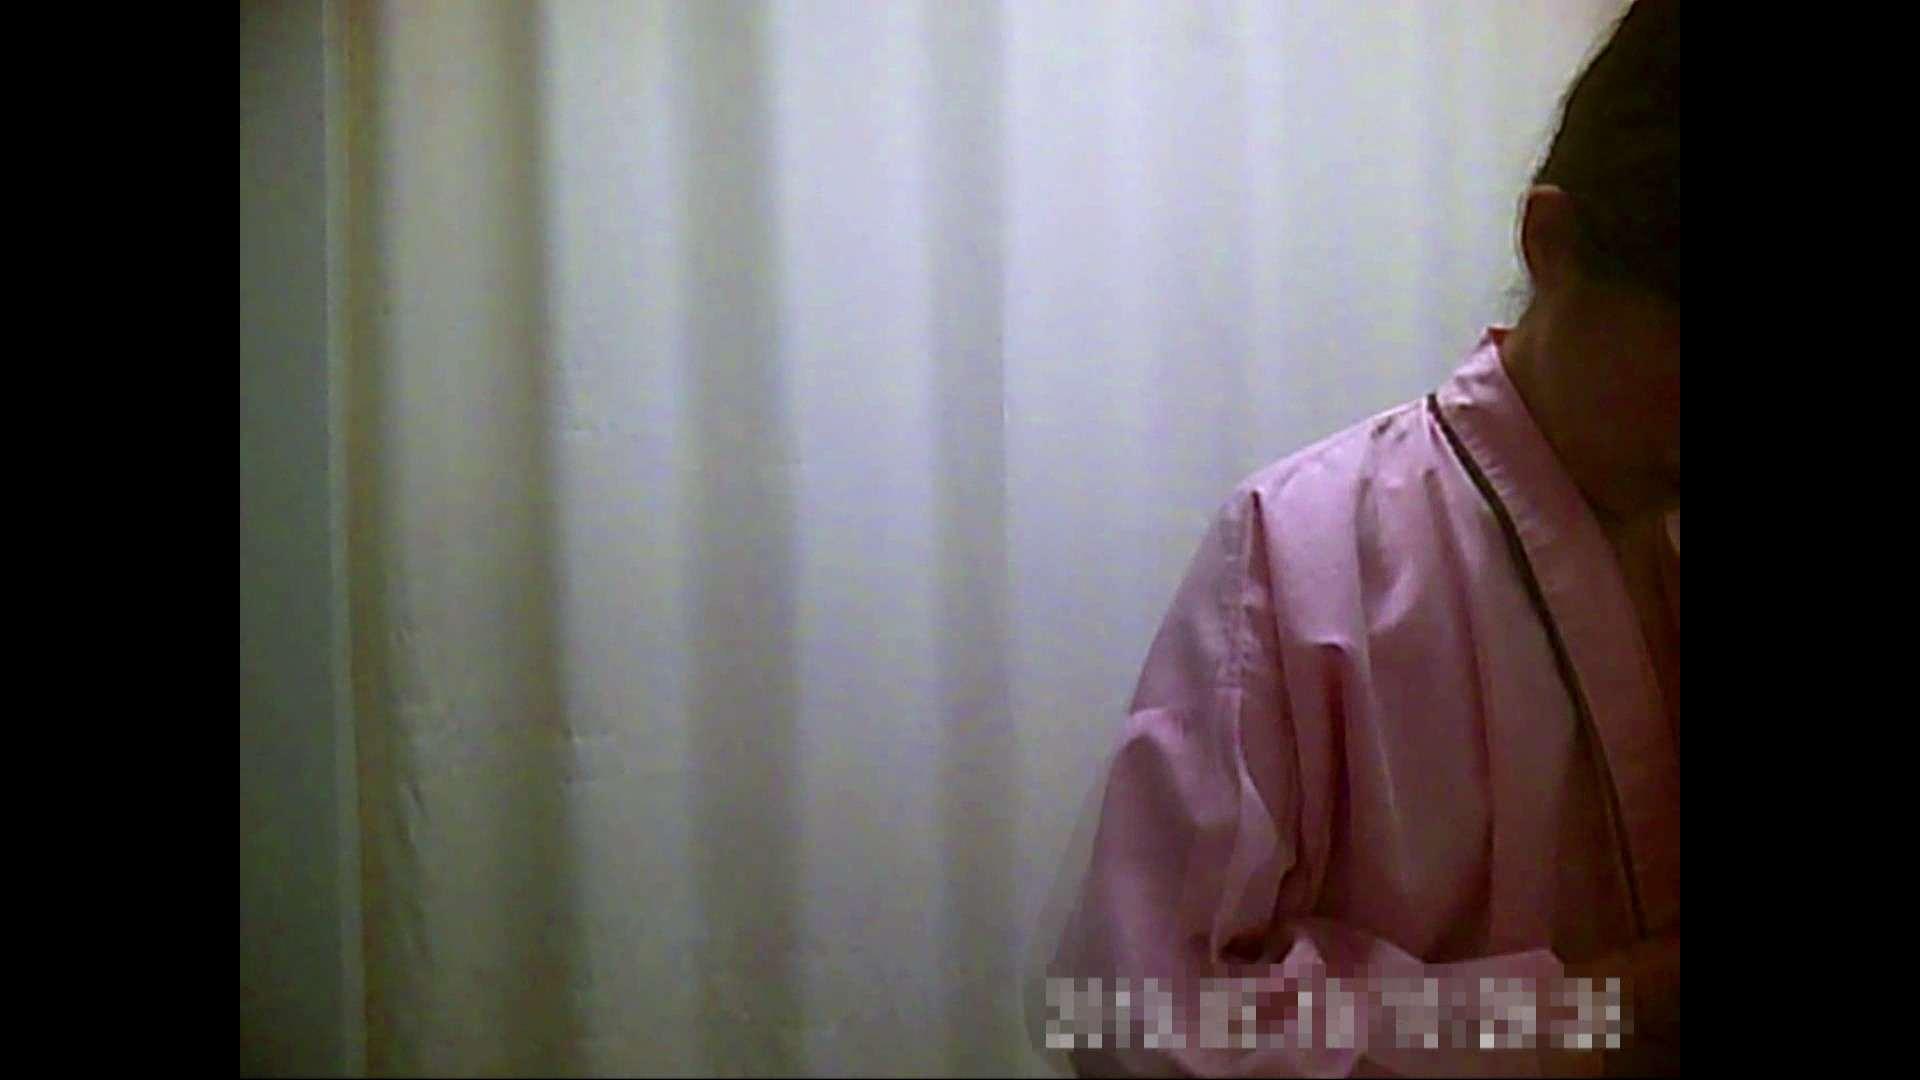 病院おもいっきり着替え! vol.210 乳首 AV無料動画キャプチャ 109PIX 74